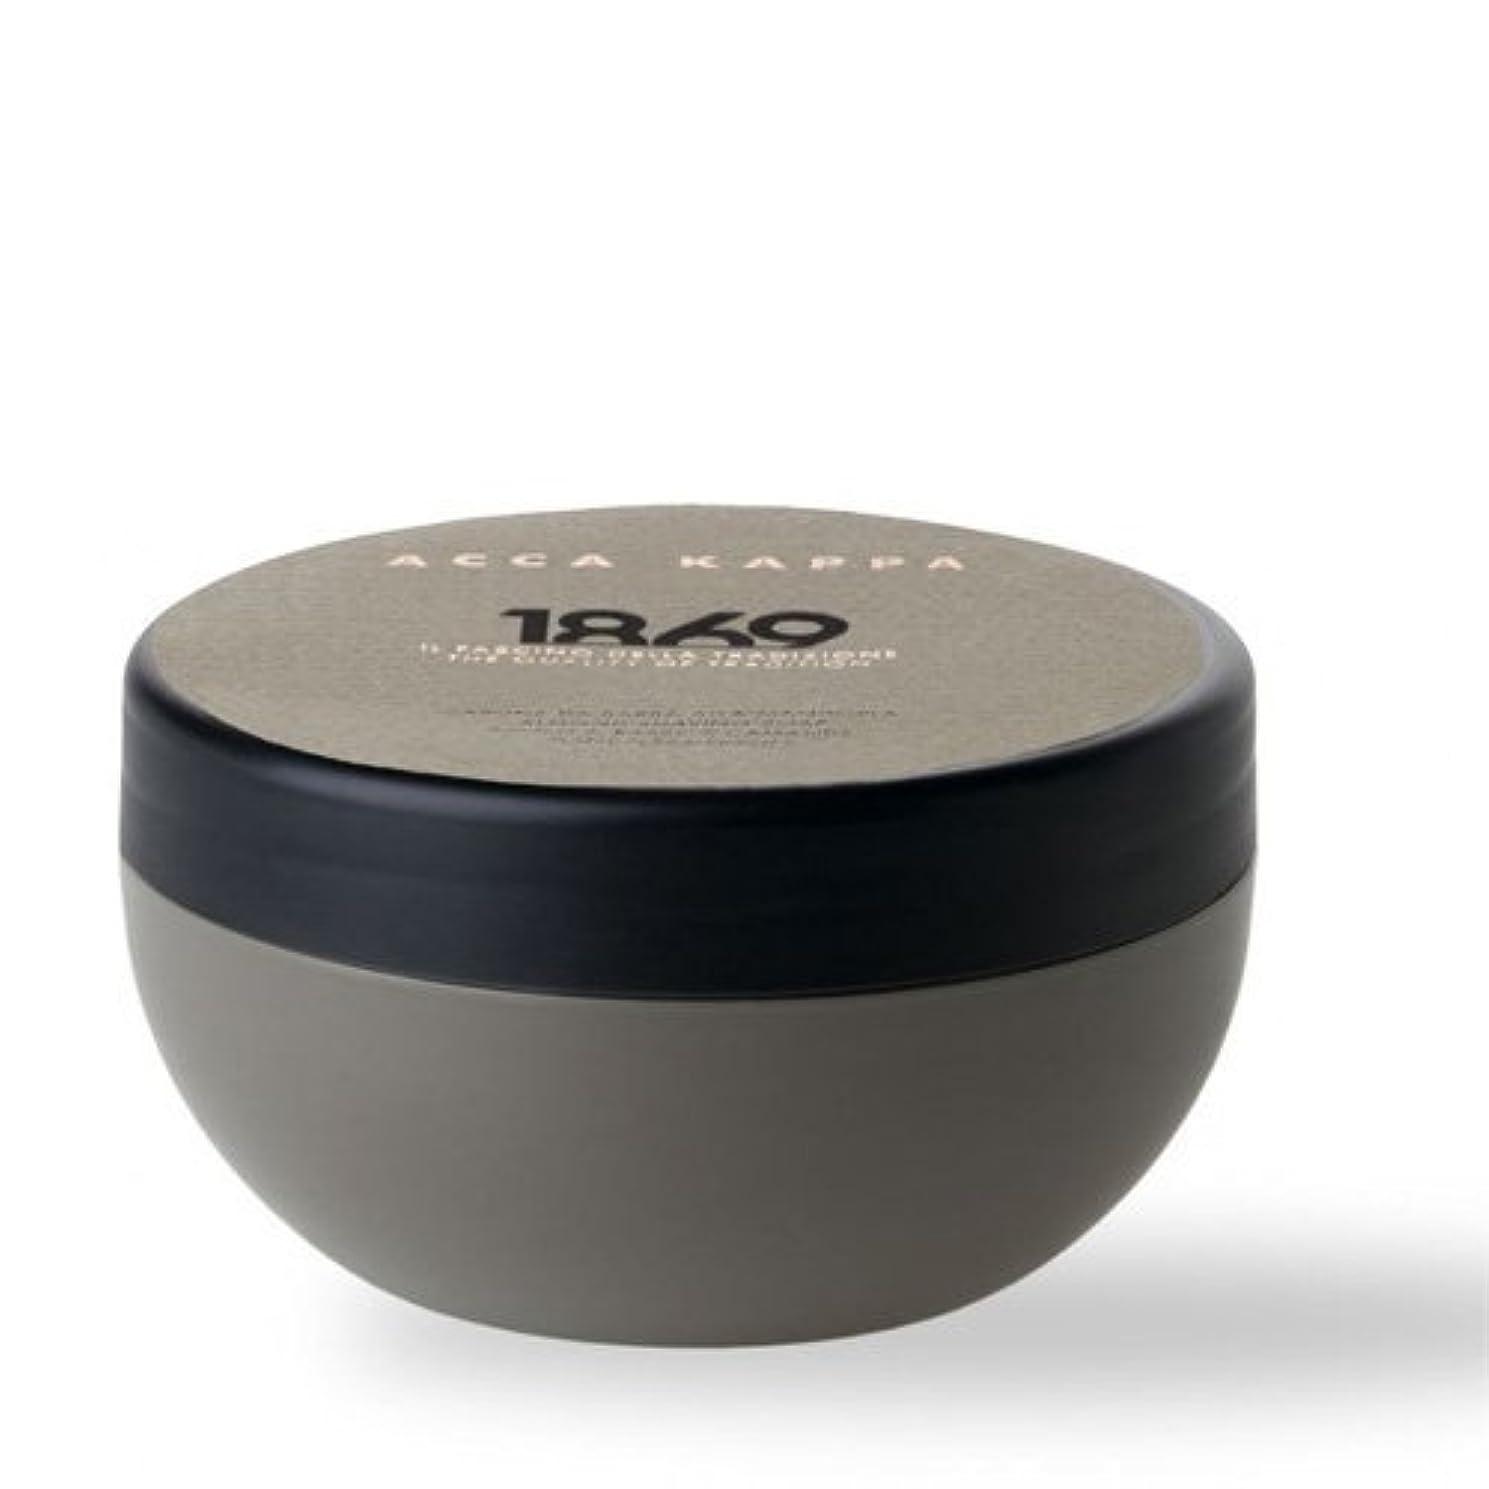 シルクメンターウェイトレスAcca Kappa 1869 Almond Shaving Soap in Bowl [並行輸入品]